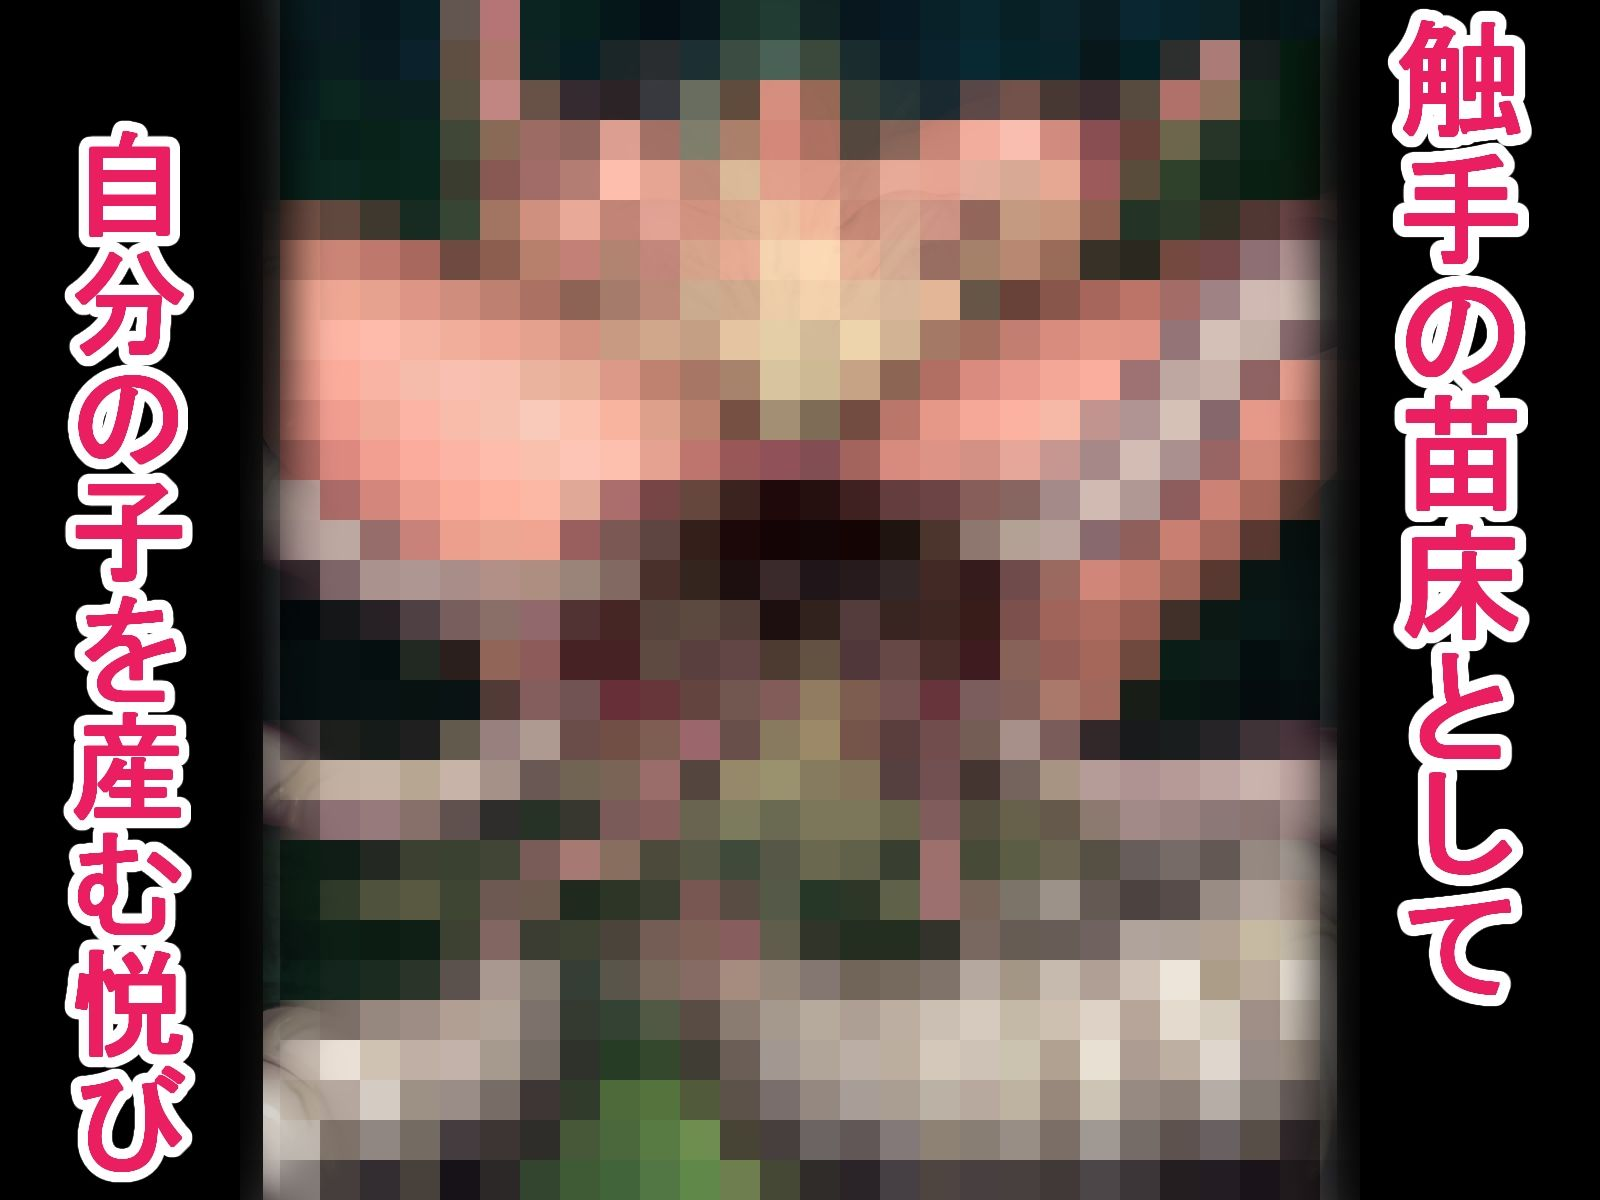 アナル改造触手オナニー ~苗床へと堕ちていく、ある女性の手記~8